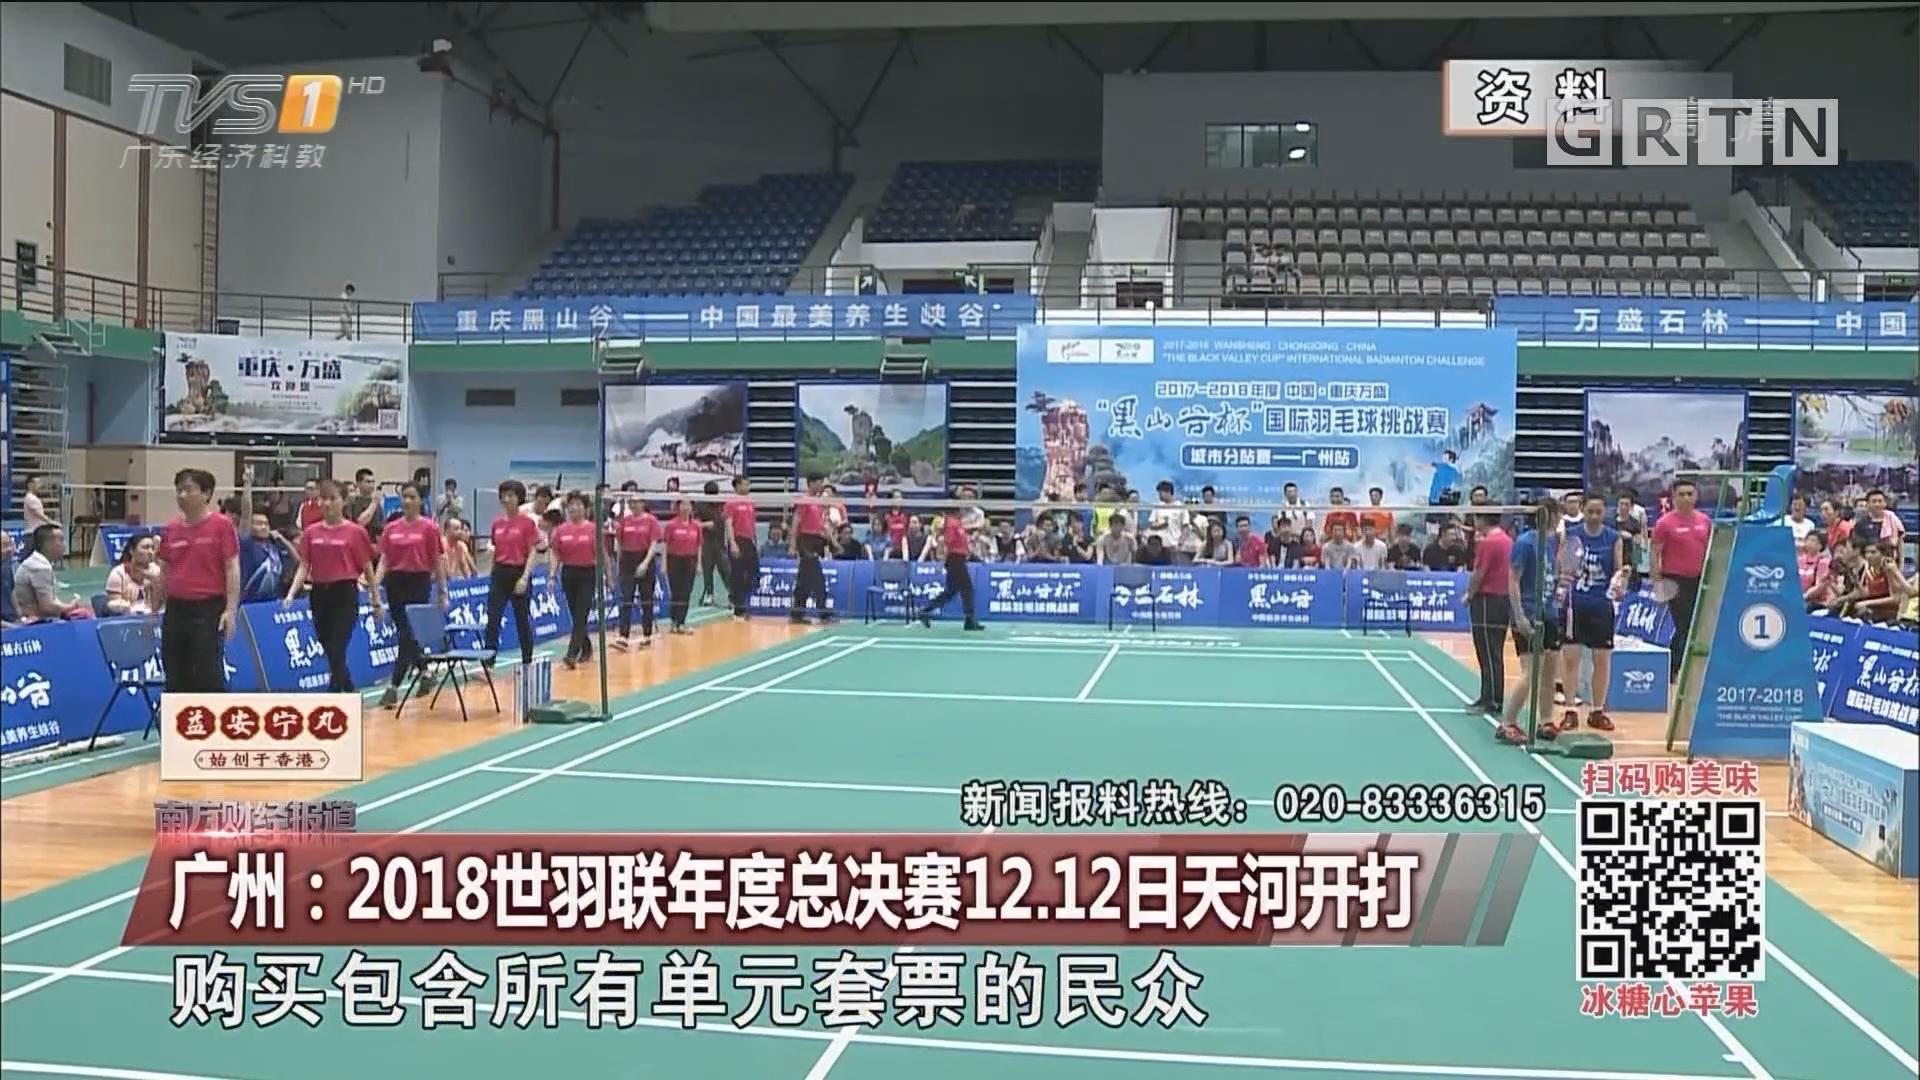 广州:2018世羽联年度总决赛12.12日天河开打